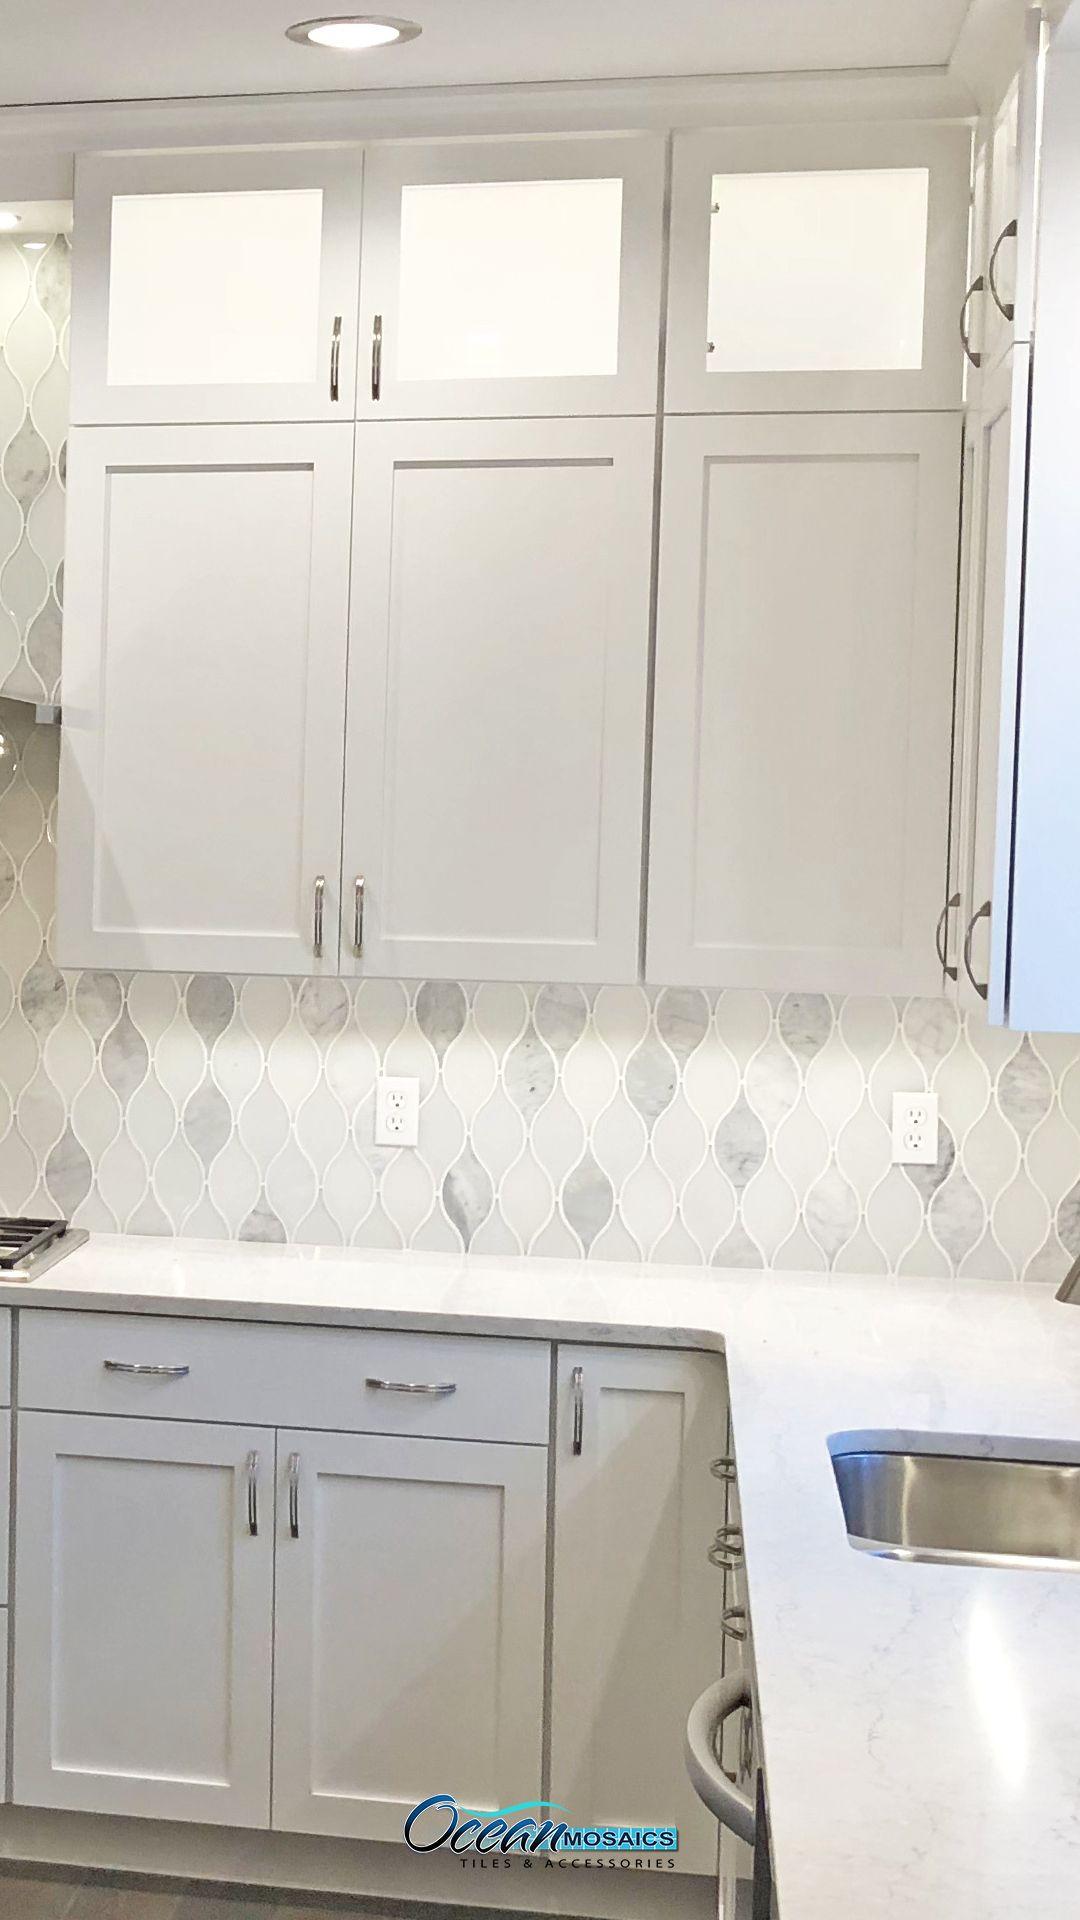 Chandelier Carrara Teardrop Glass Mosaic Tile Kitchen Backsplash Designs Backsplash For White Cabinets Kitchen Tiles Backsplash